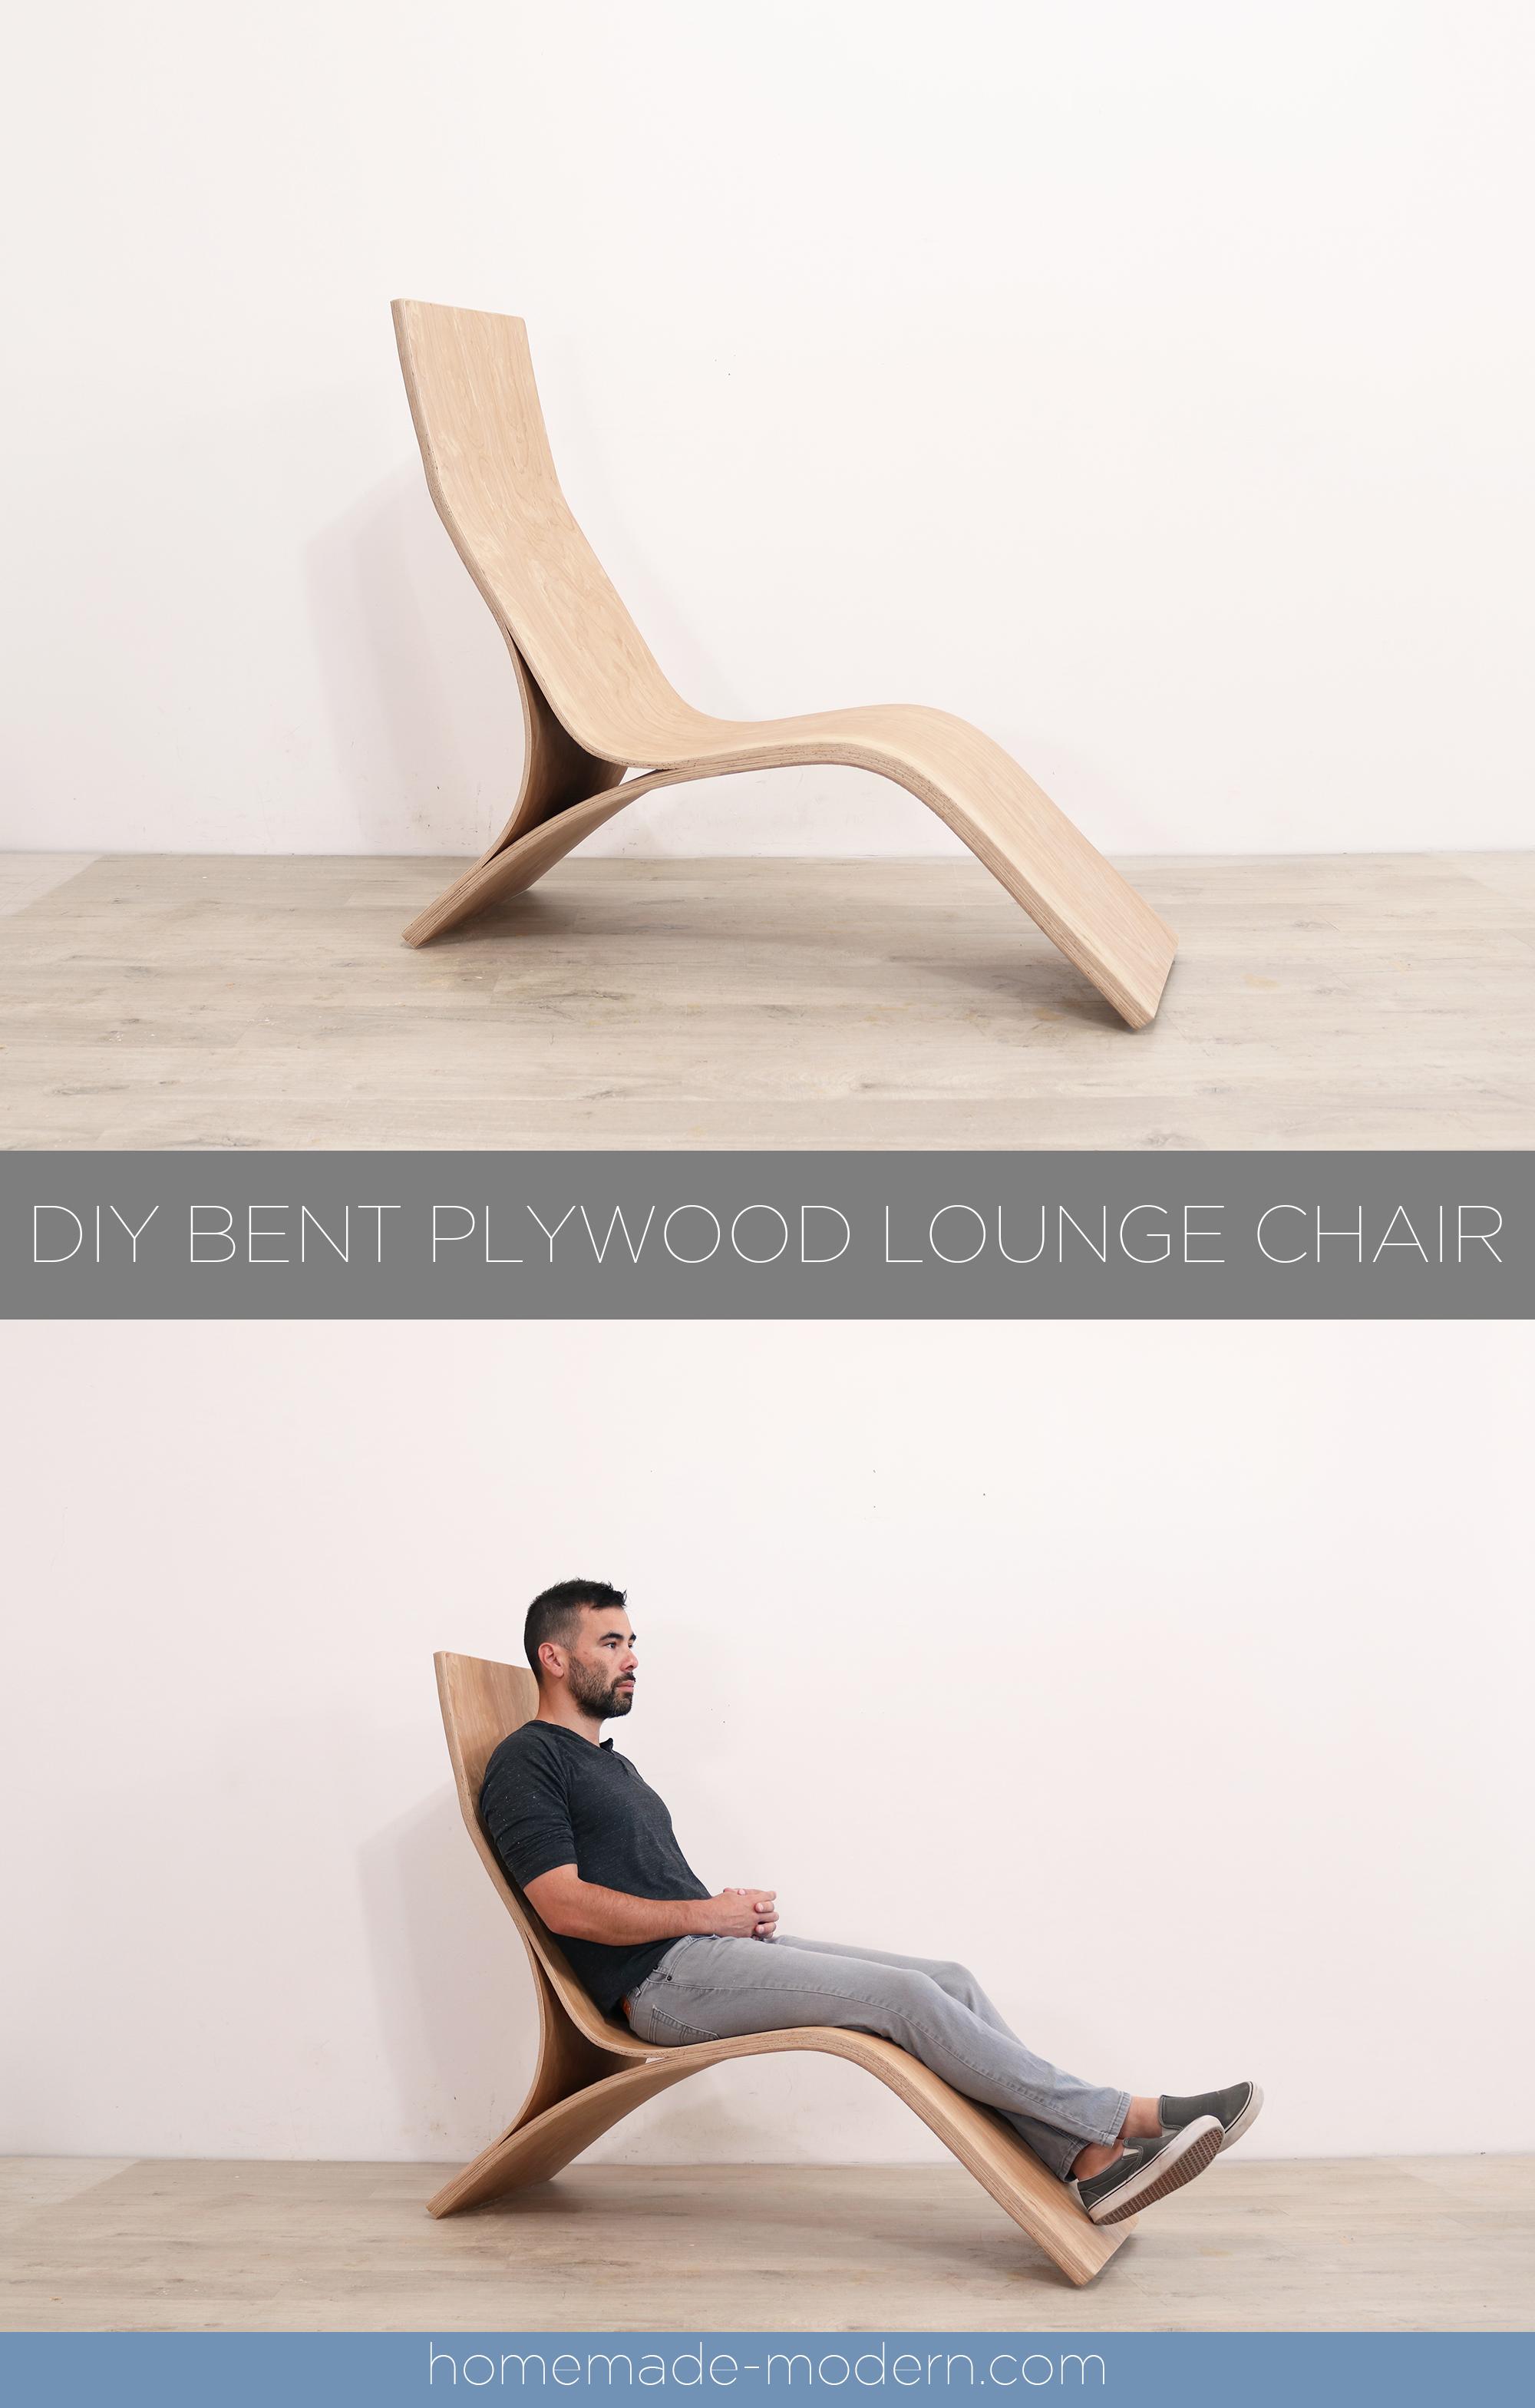 http://www.homemade-modern.com/wp-content/uploads/2019/12/DIY-BPLC-banner.png